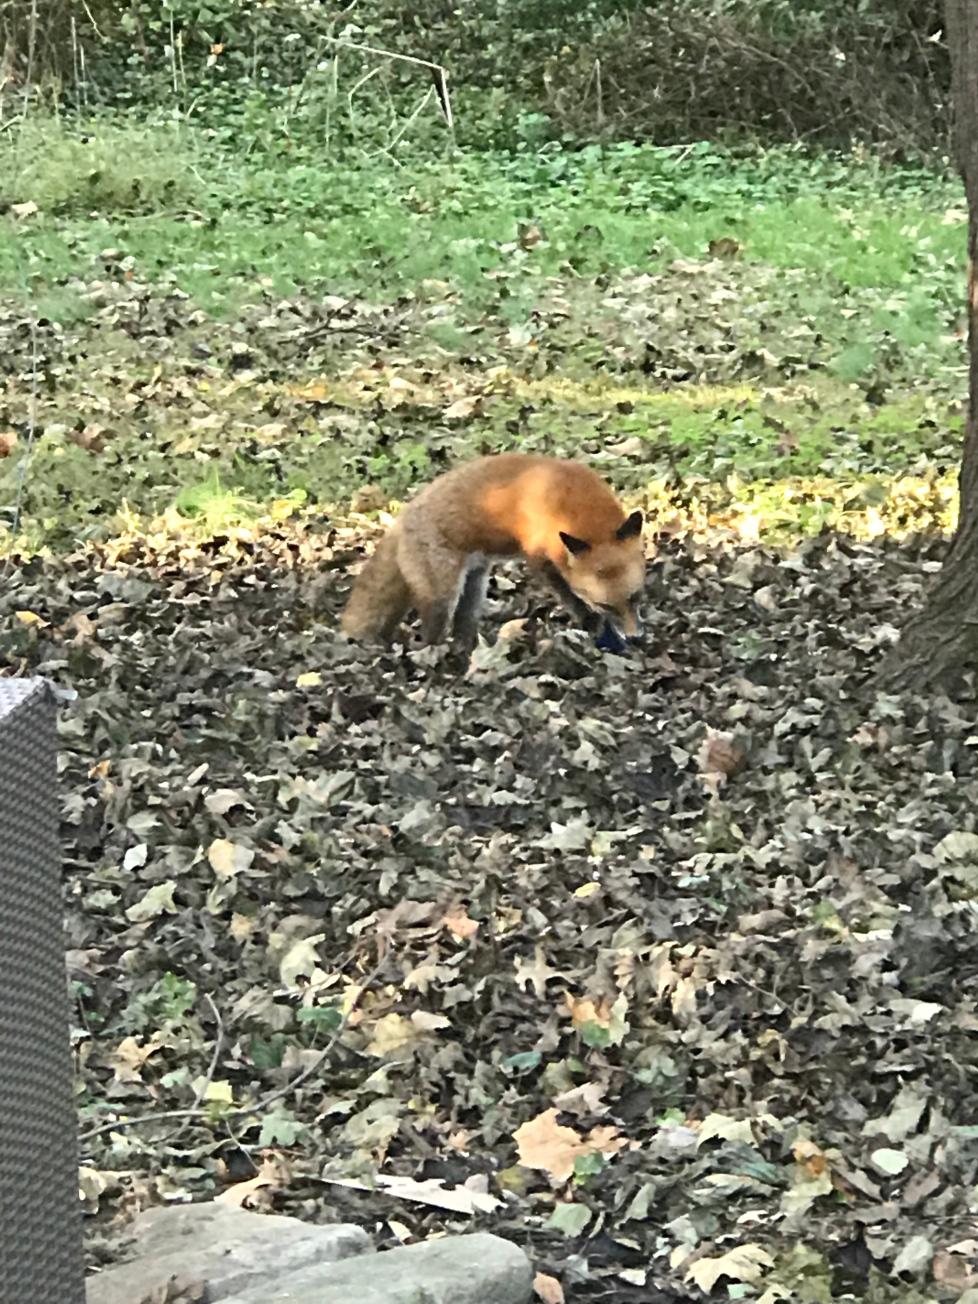 Fox foragin for food